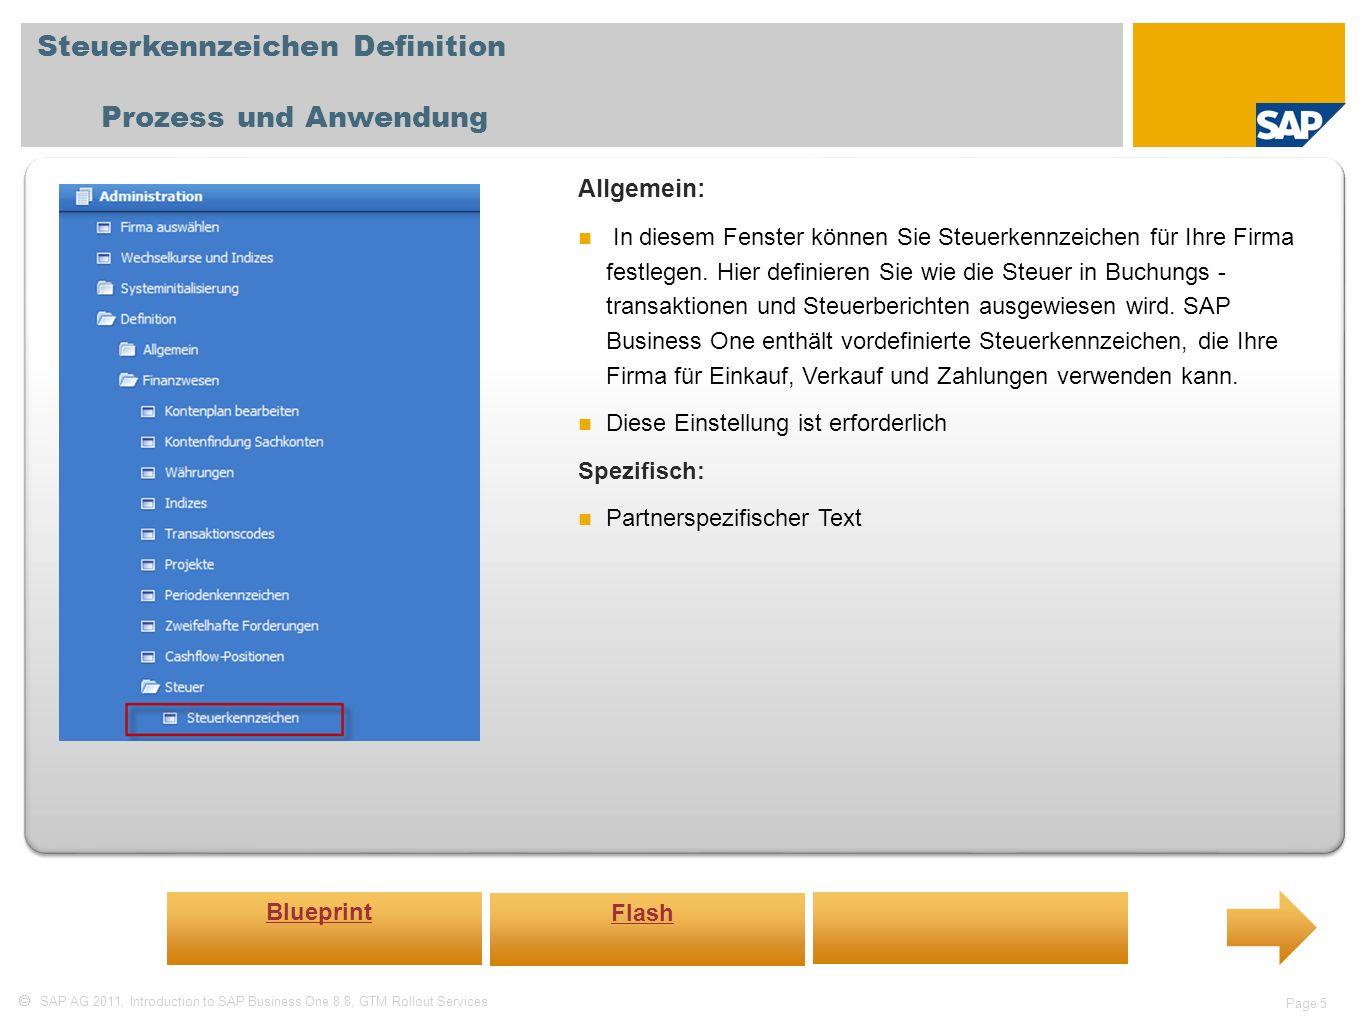 Steuerkennzeichen Definition Prozess und Anwendung